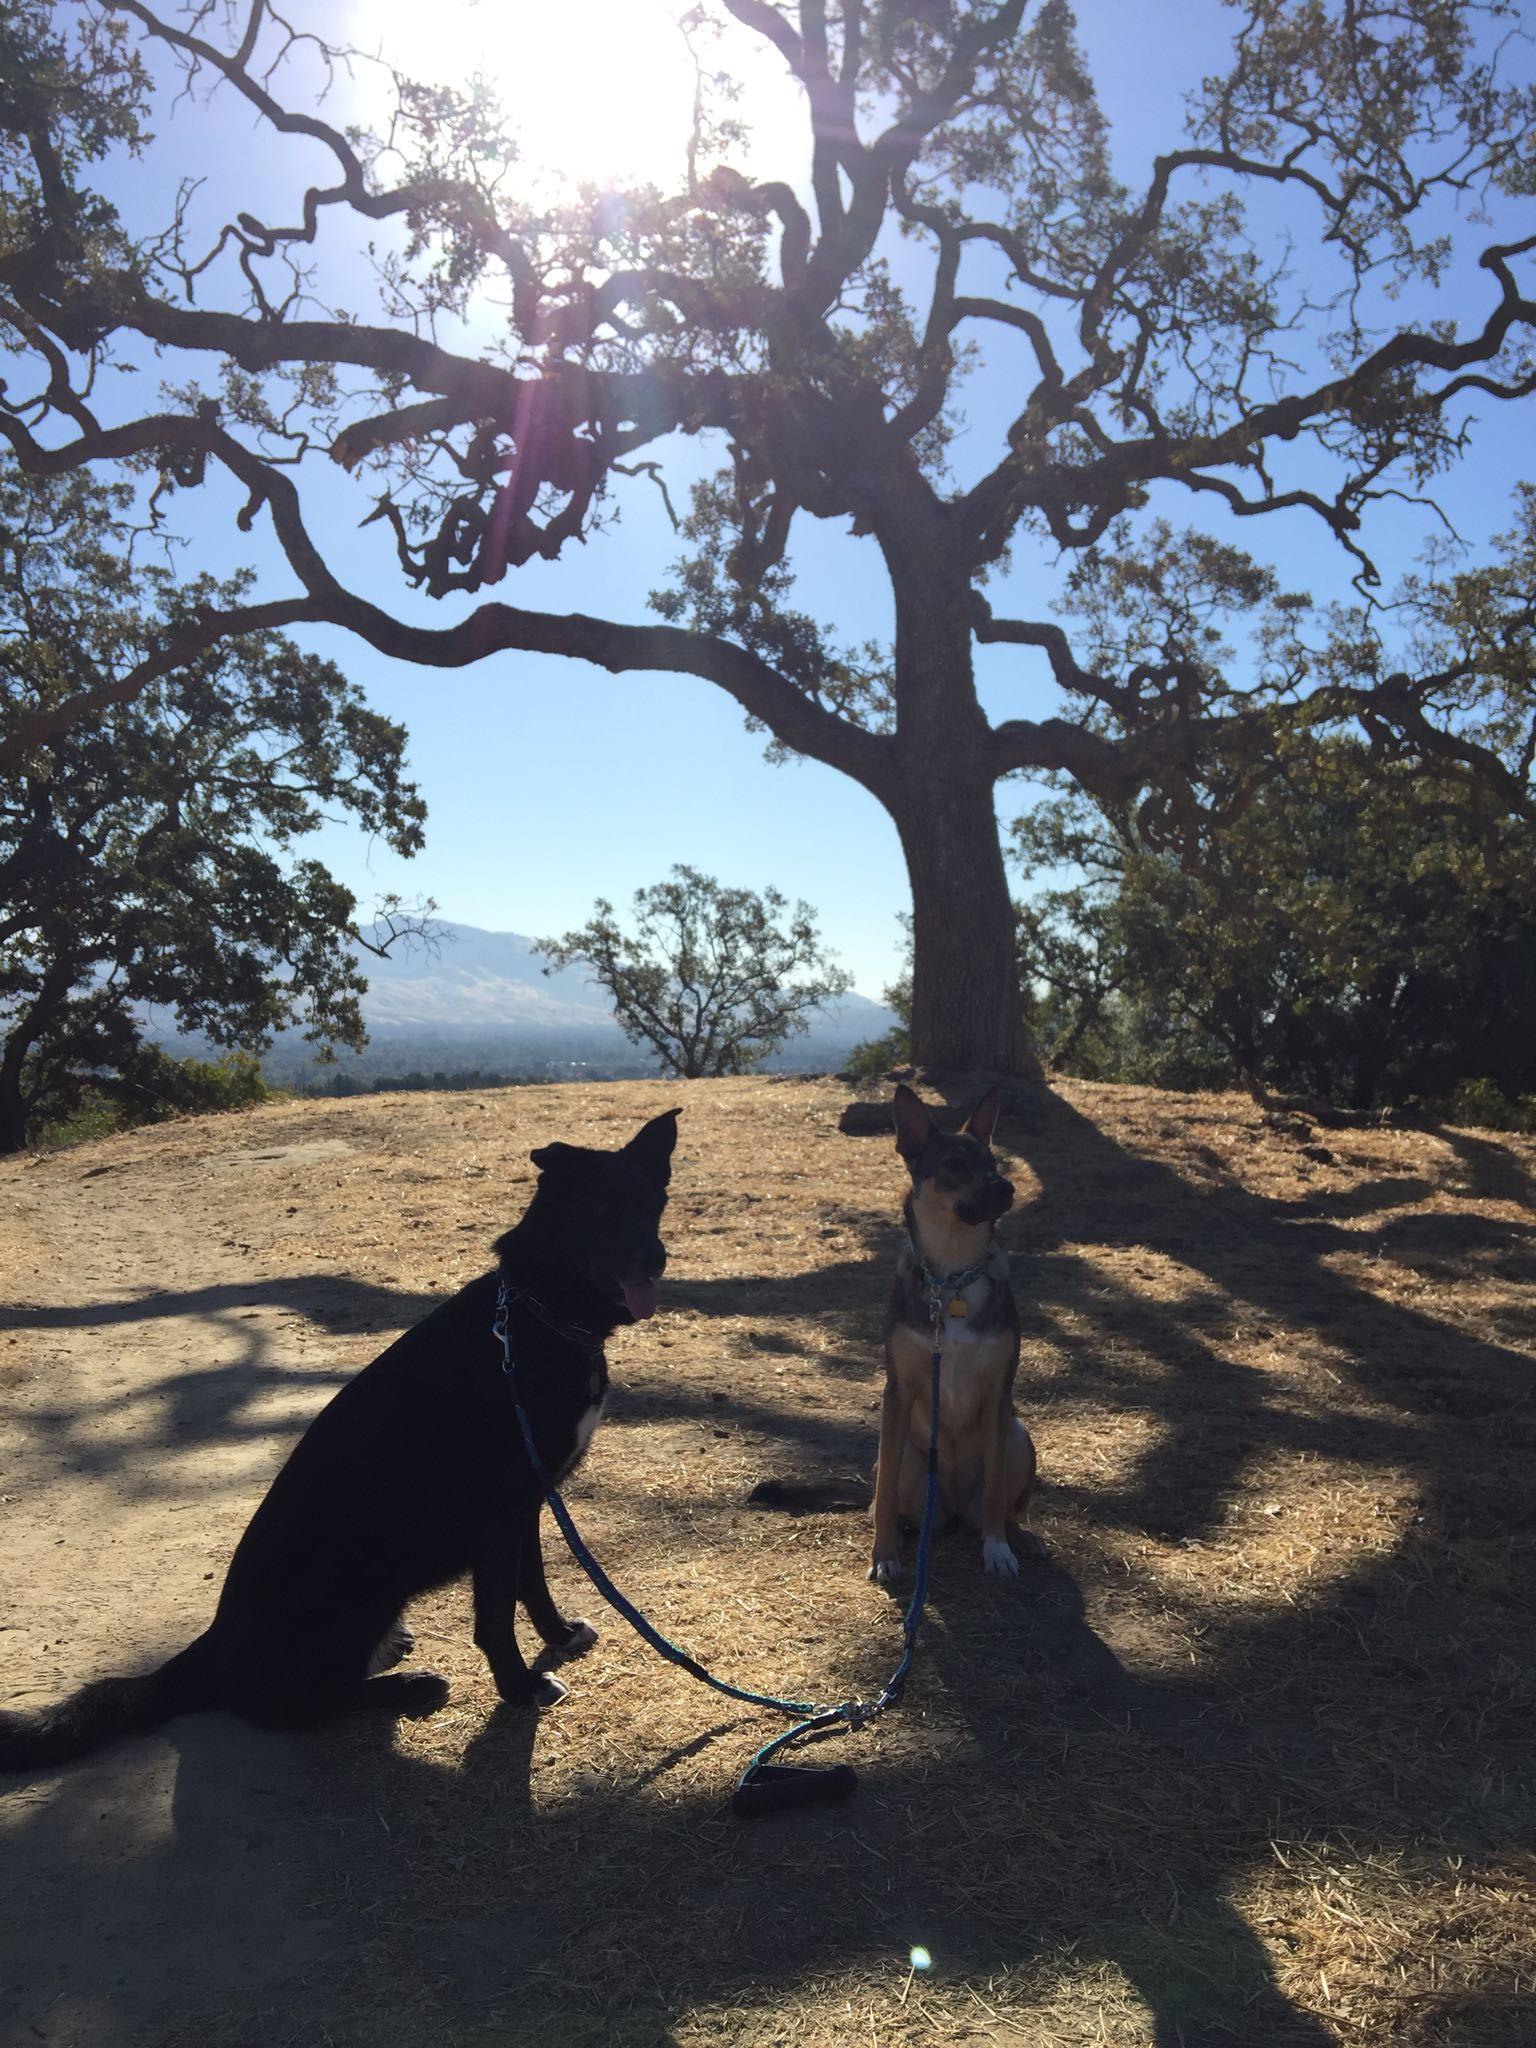 Enjoying the outdoors http://ift.tt/2d13nGe